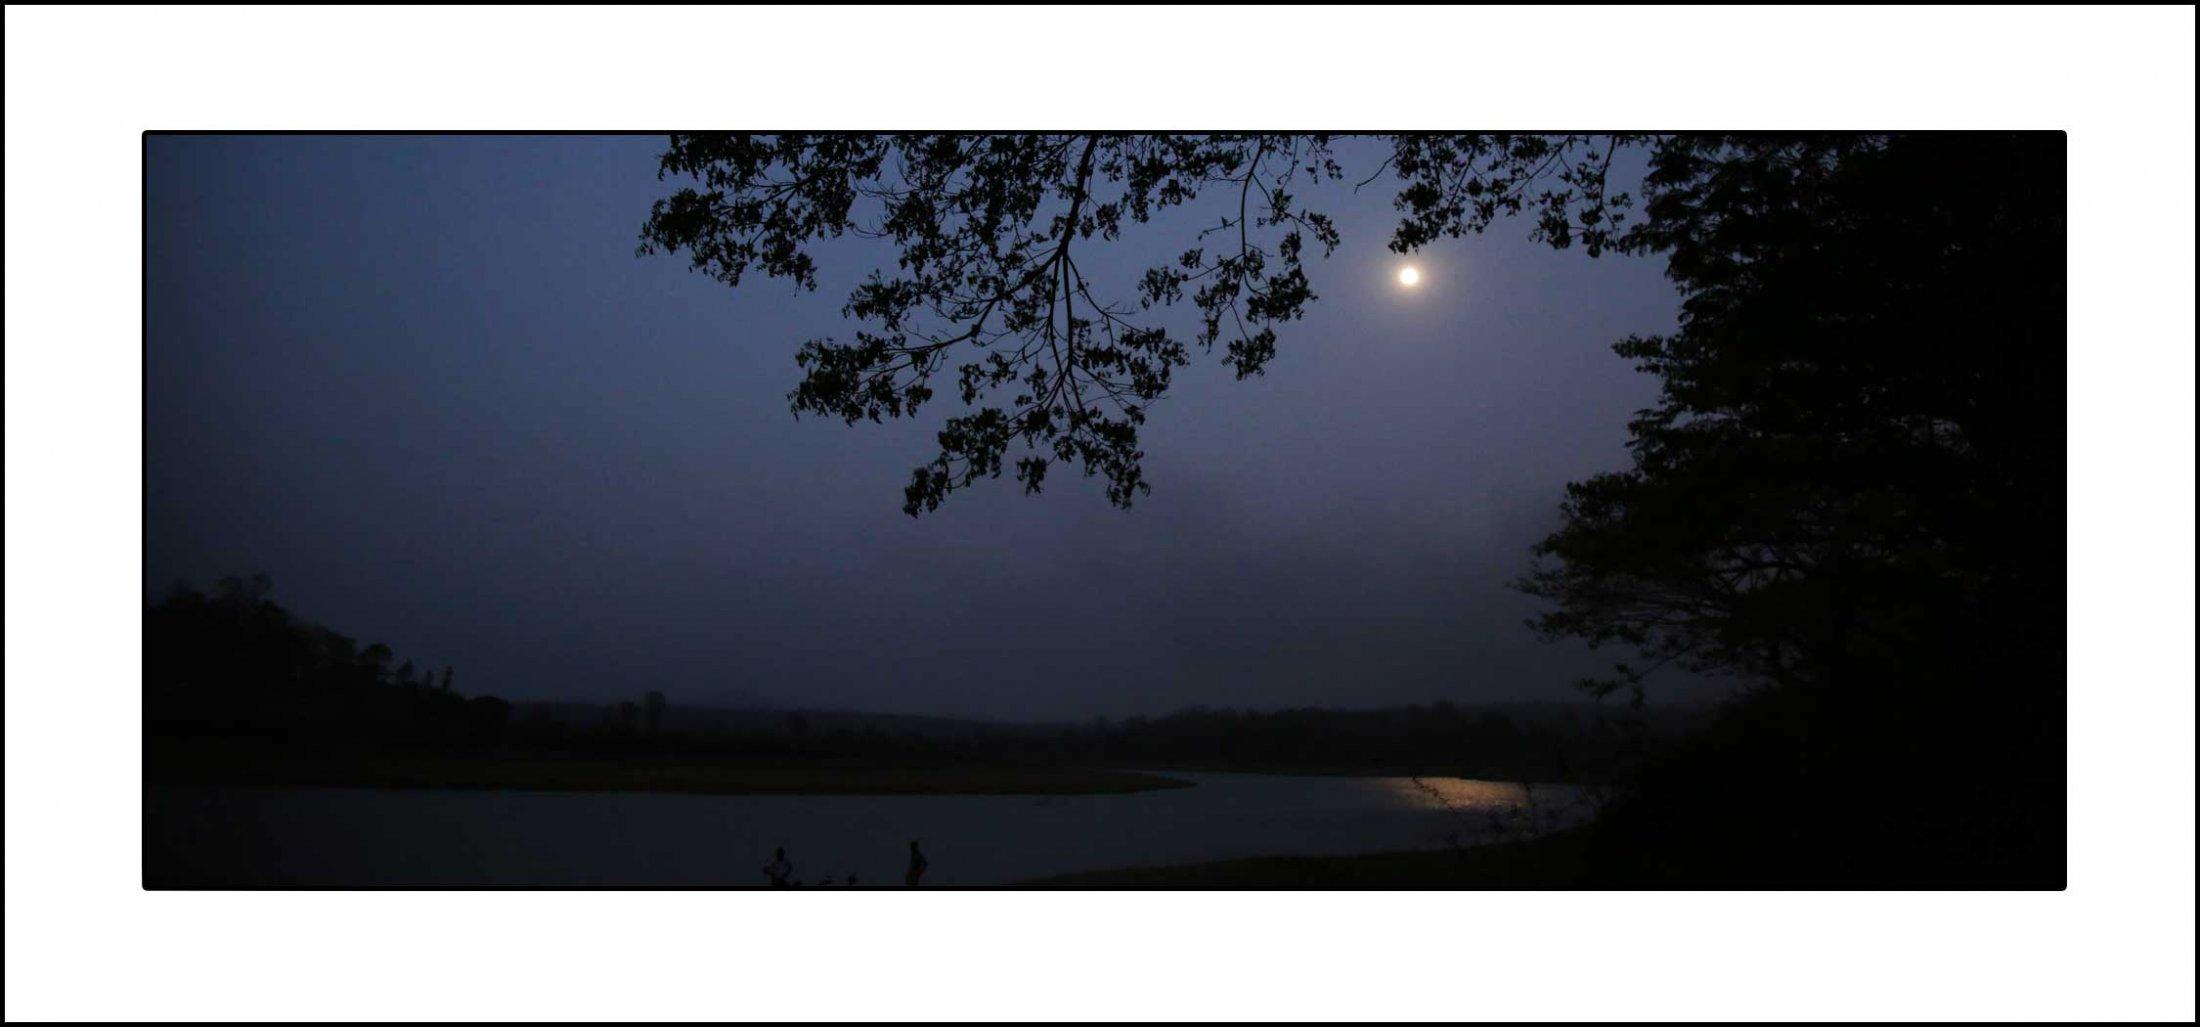 കബനിയിലെ നിലാവ് – കൊളവള്ളി